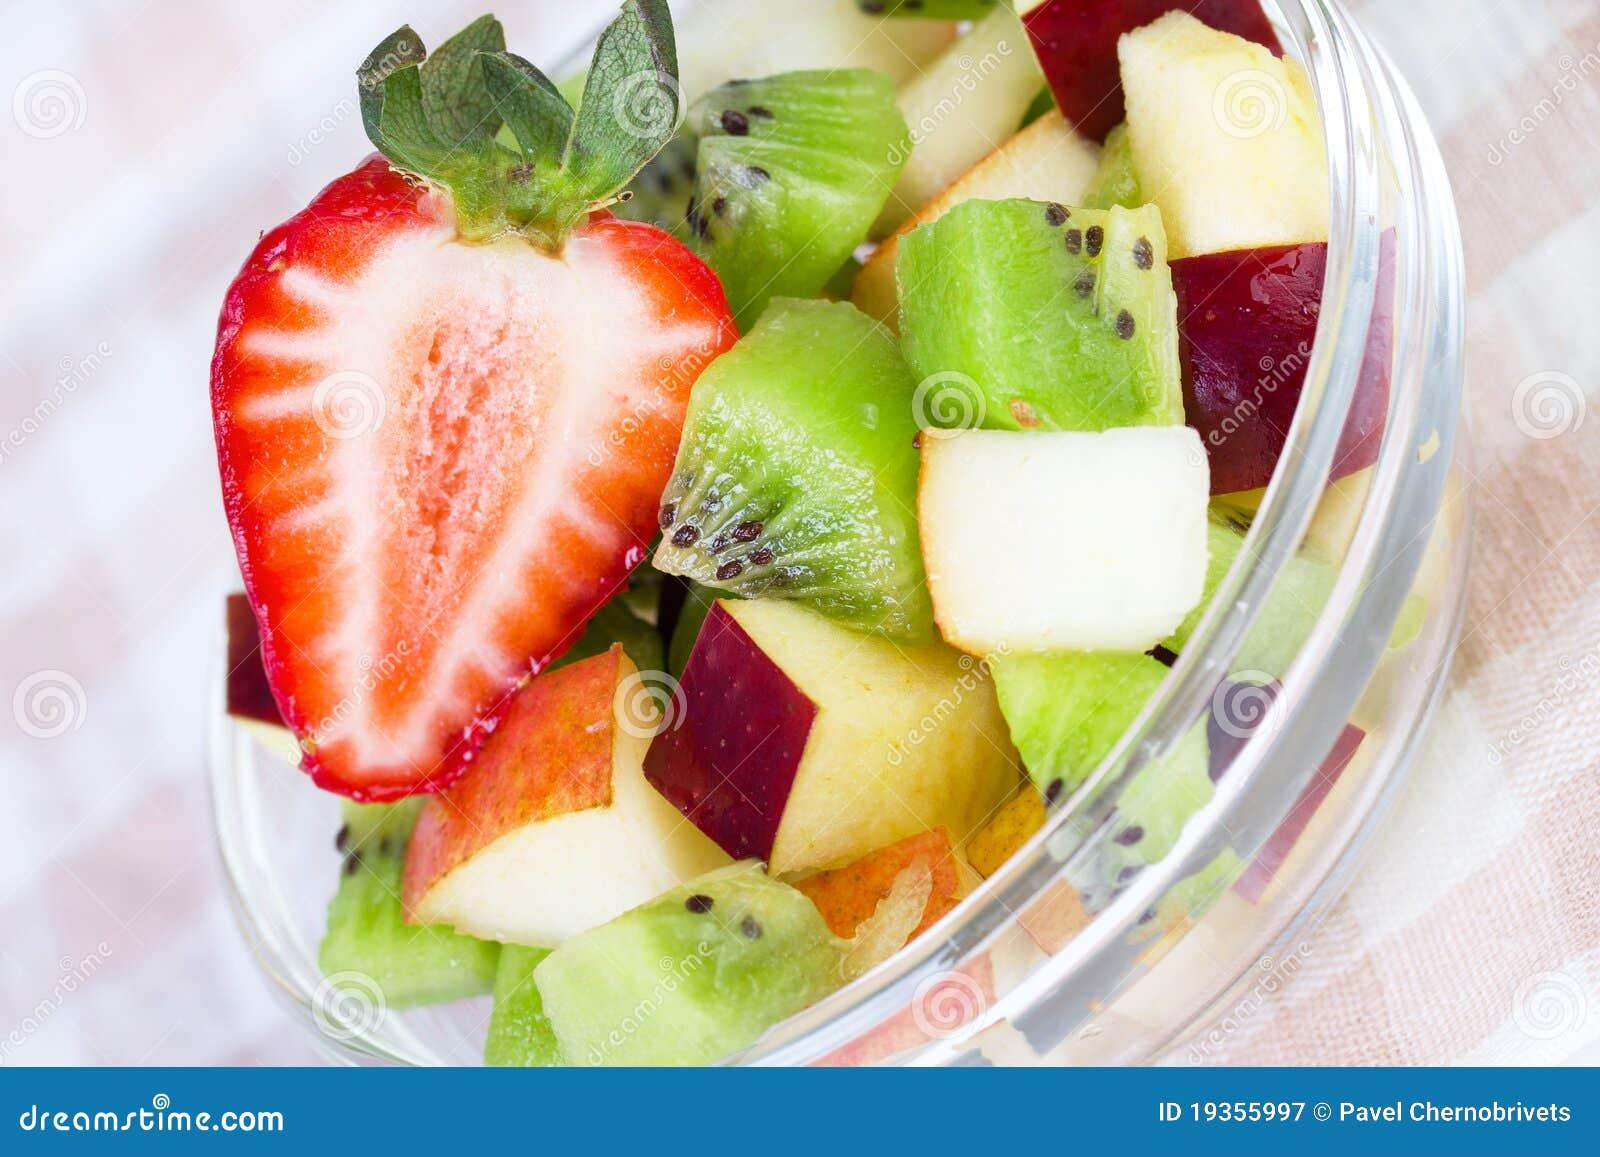 Salada de fruta na placa branca no tablecloth